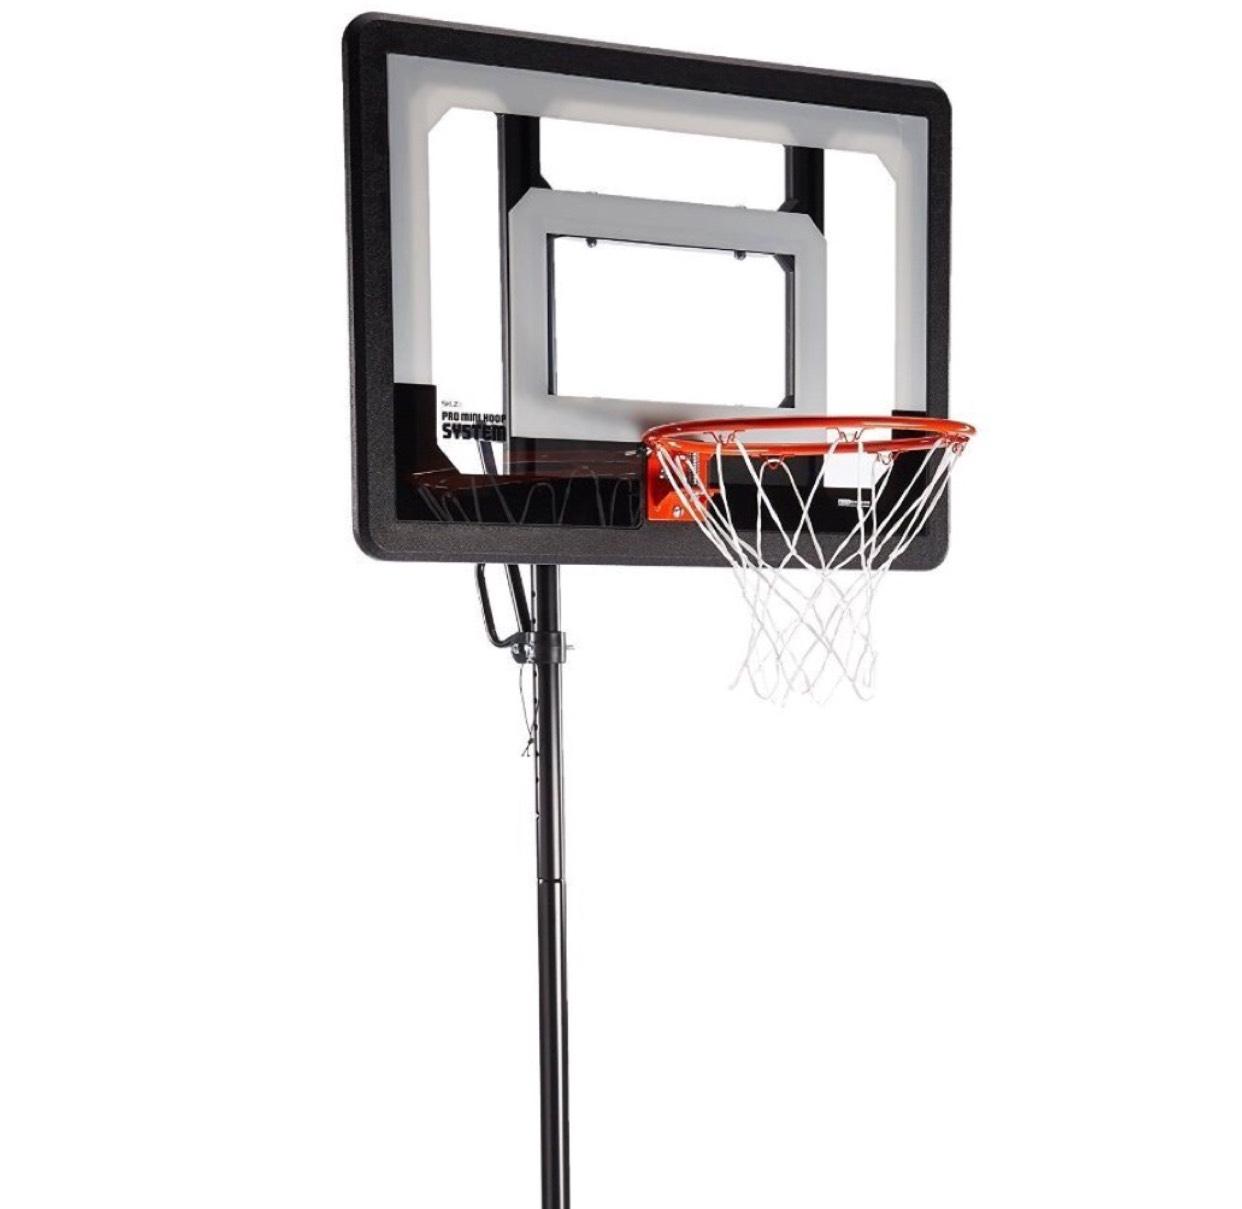 Amazon Oferta del Día: SKLZ Pro Sistema de aro para mini baloncesto